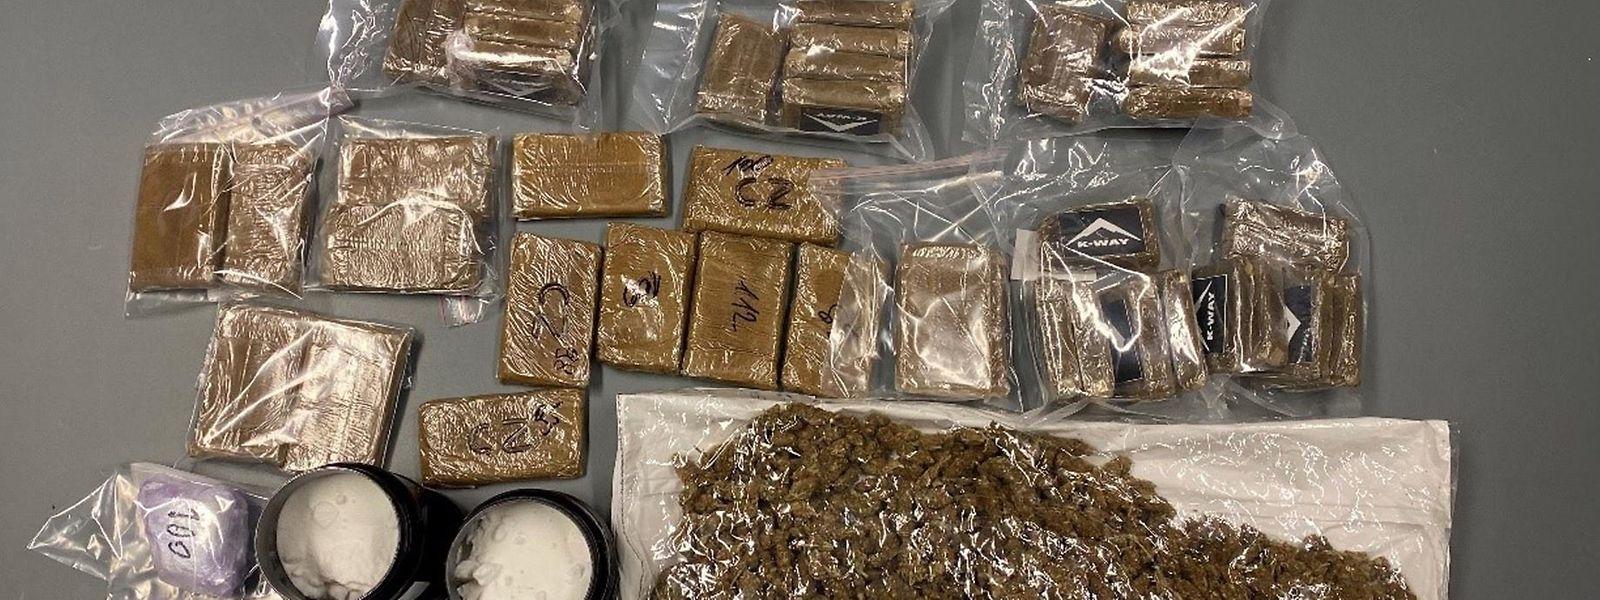 Insgesamt wurden mehr als sechs Kilogramm Marihuana, fünf Kilogramm Haschisch, drei Kilogramm Kokain und 80.000 Euro Bargeld sichergestellt.